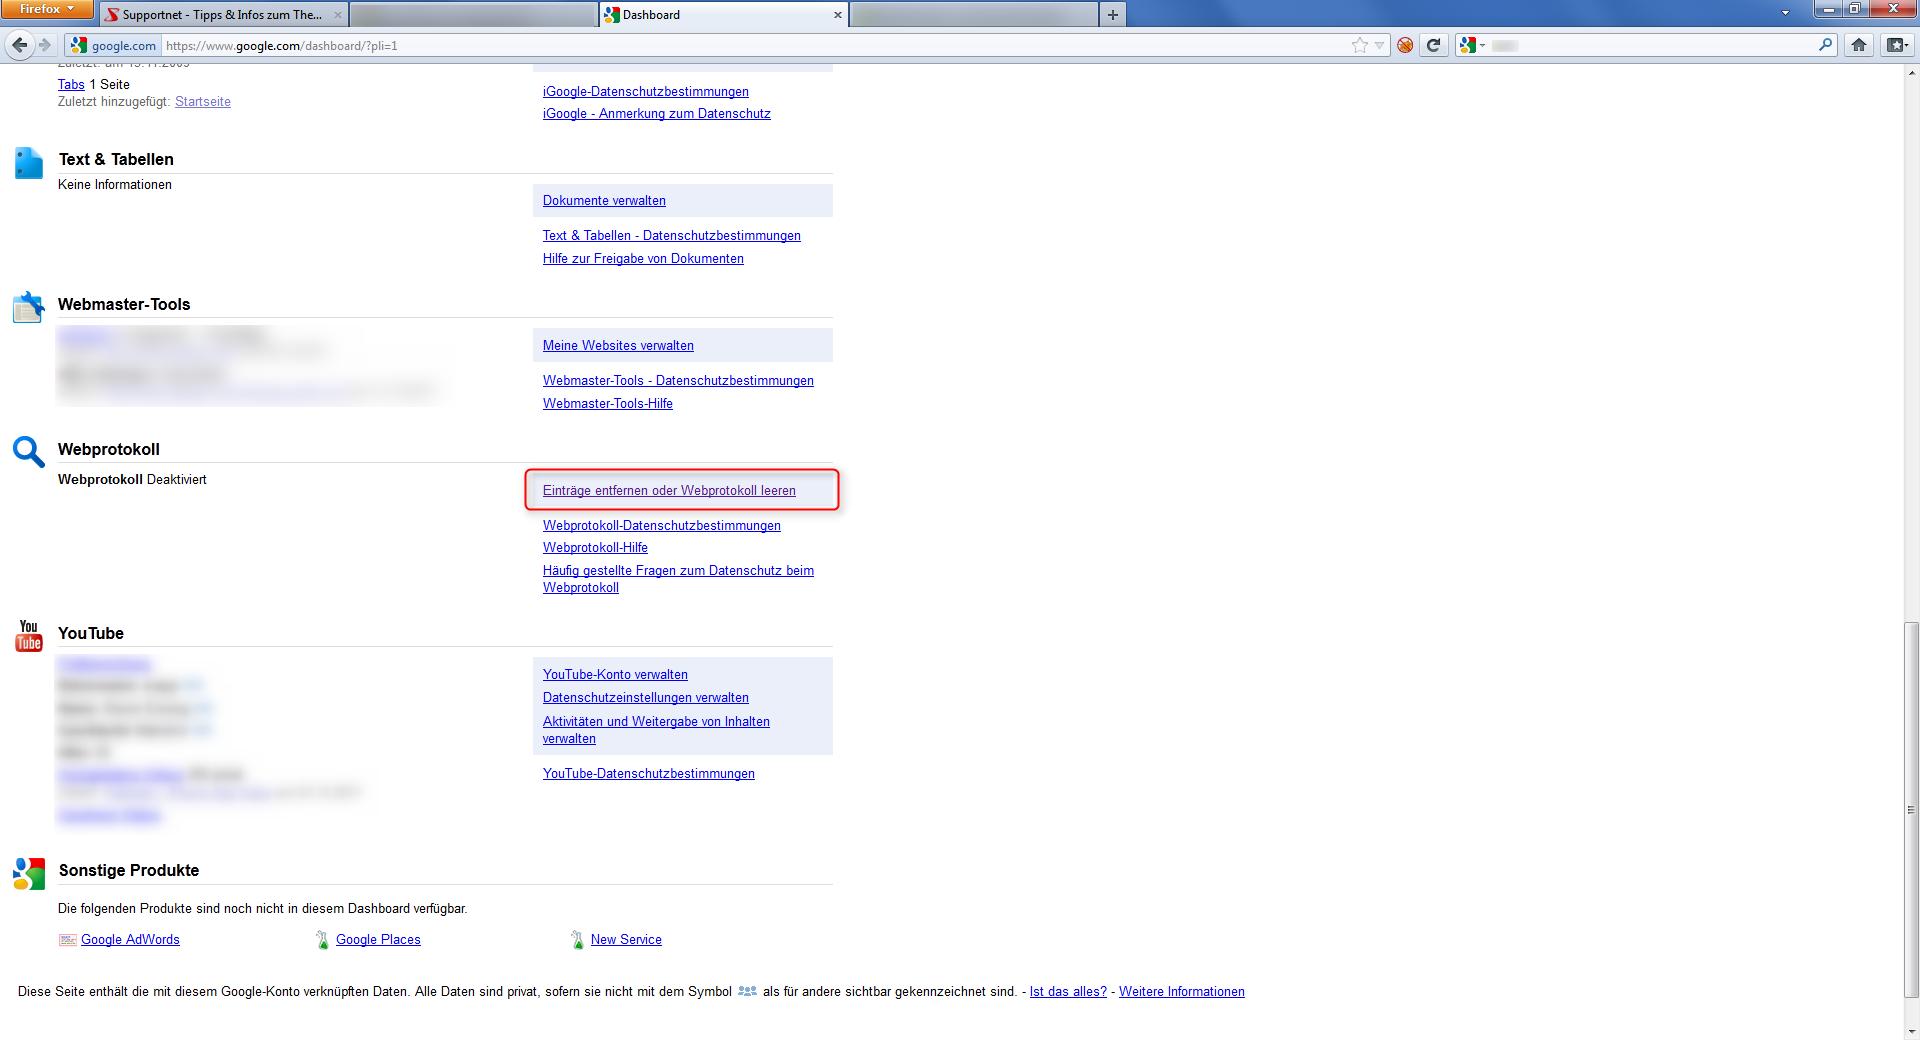 03-google-und-ich-im-internet-webprotokoll-leeren-470.png?nocache=1325151525611